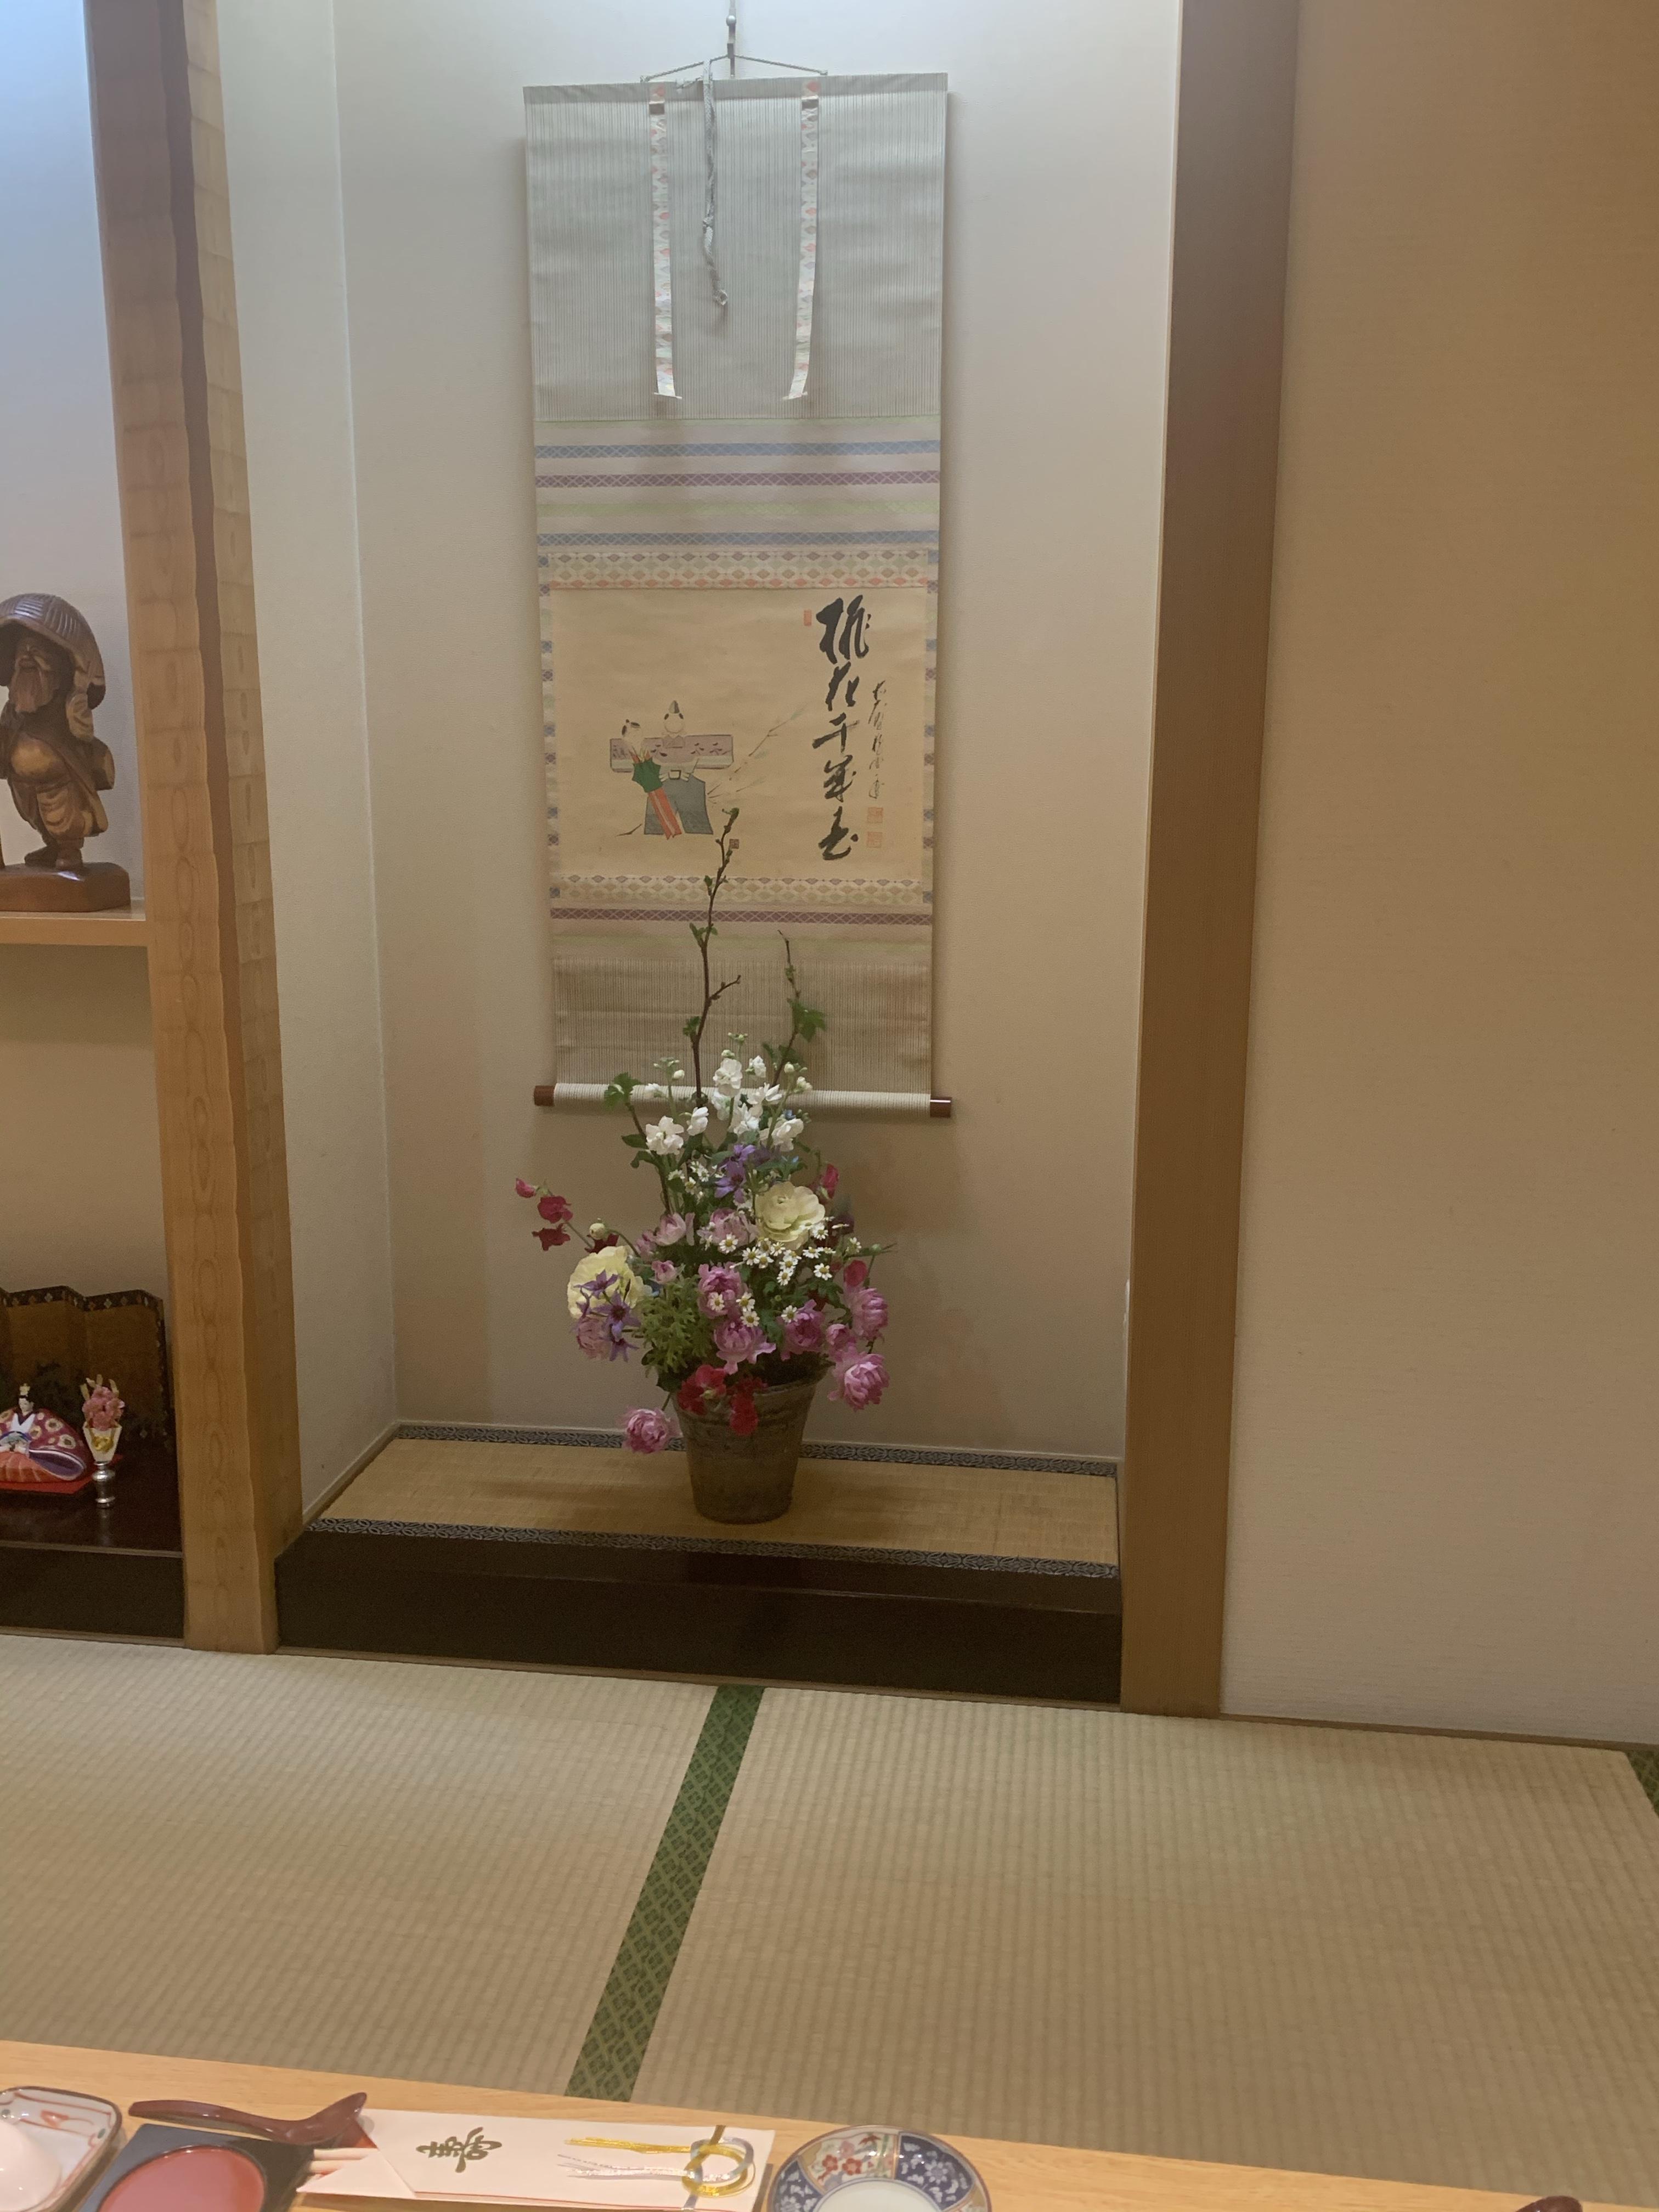 定期的な配達 福岡市 花屋;